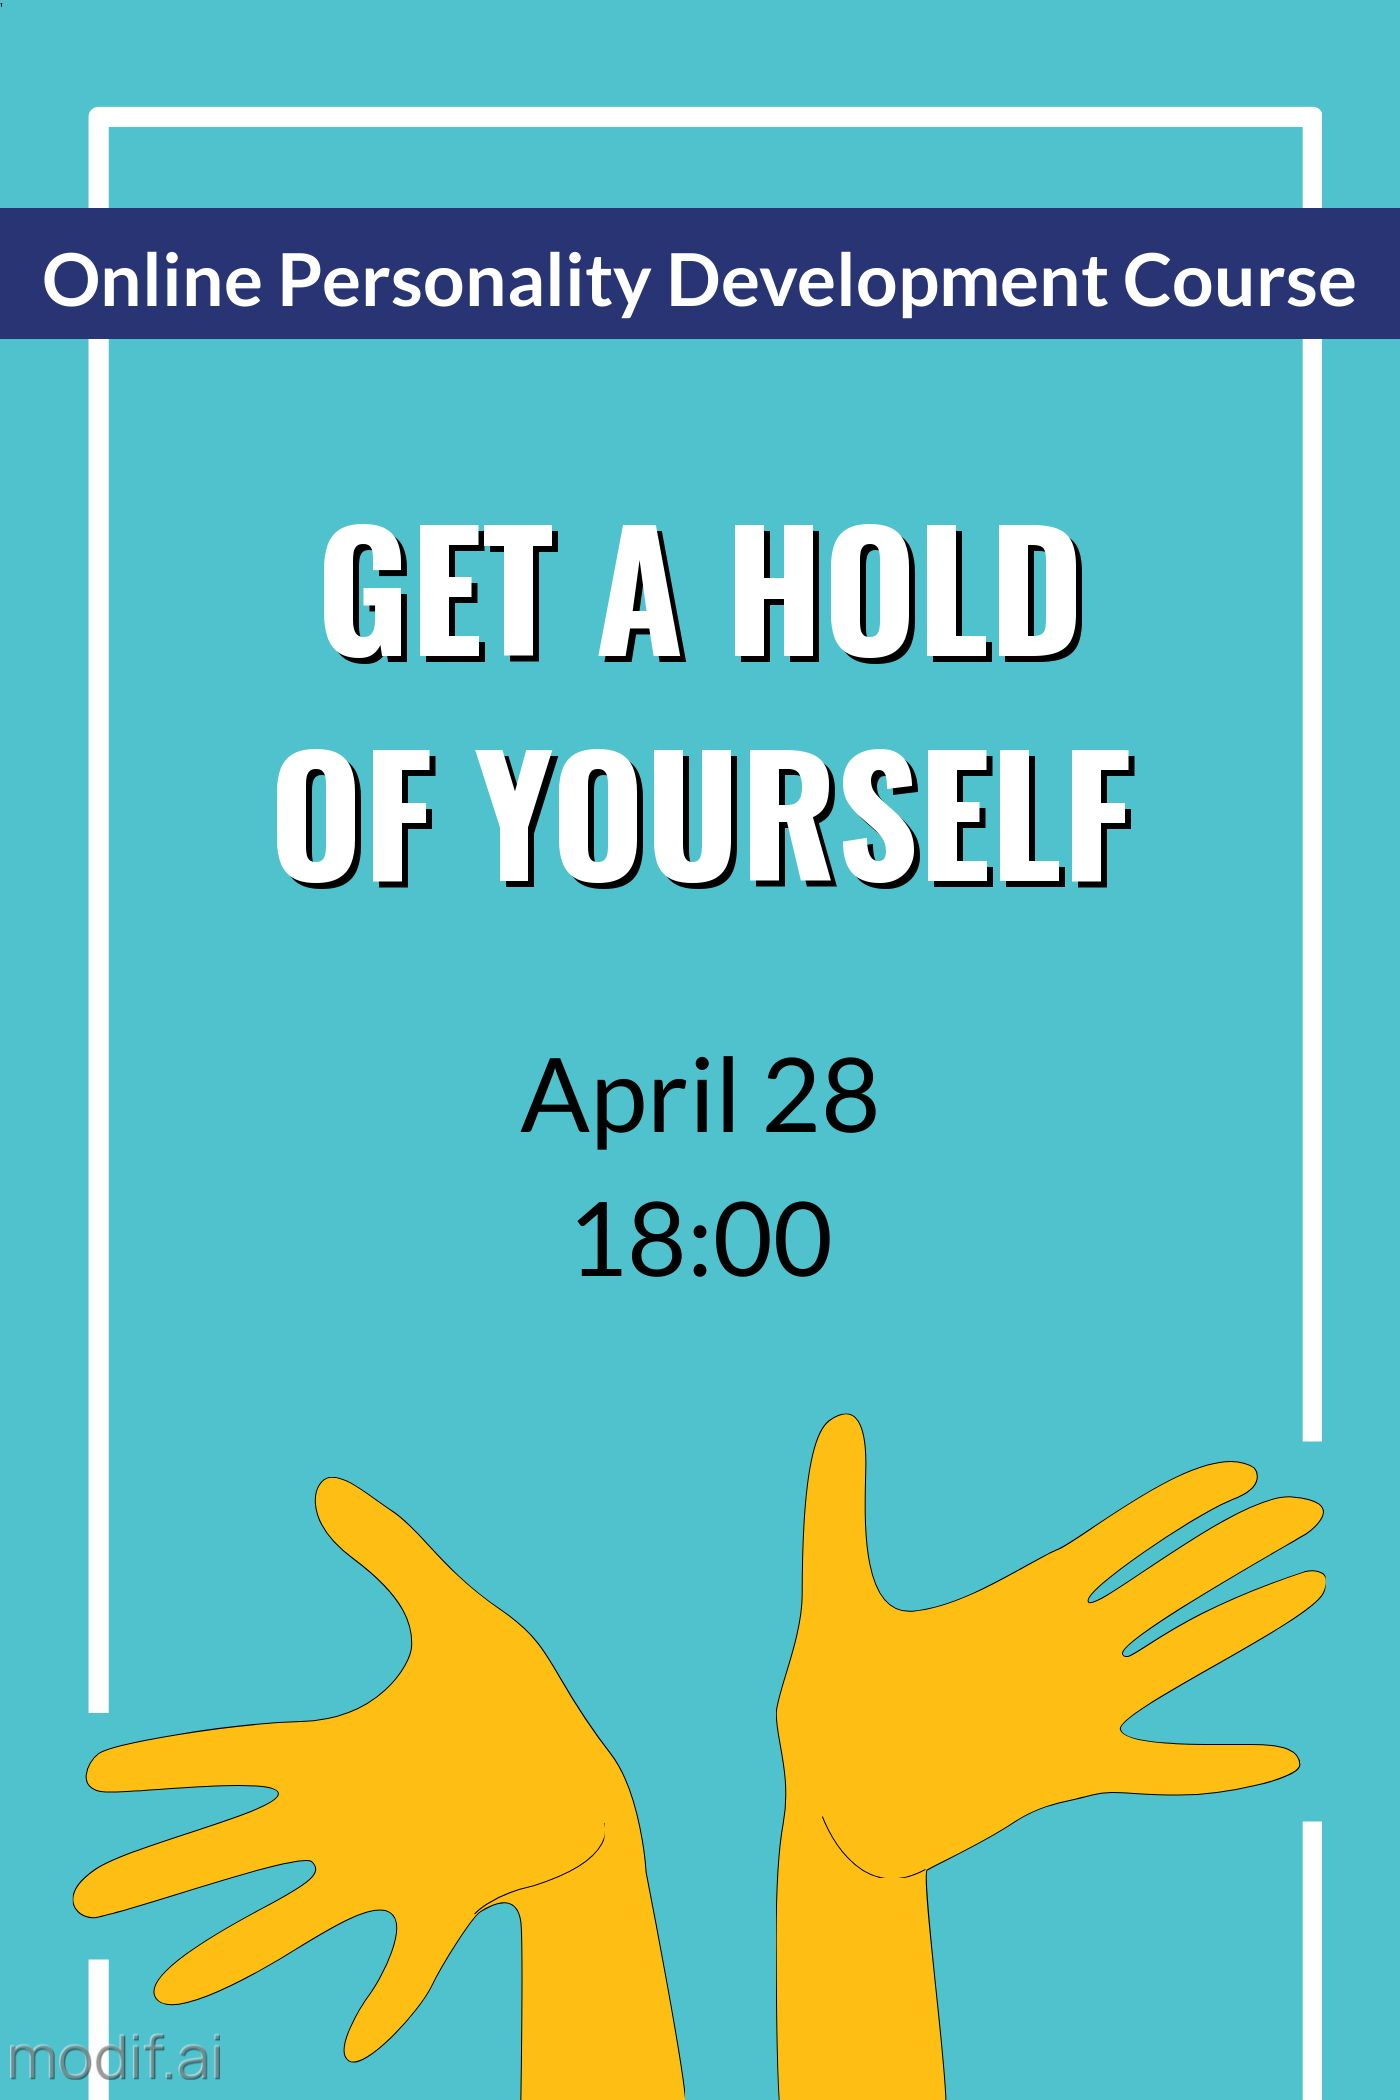 Self-Development Course Cover